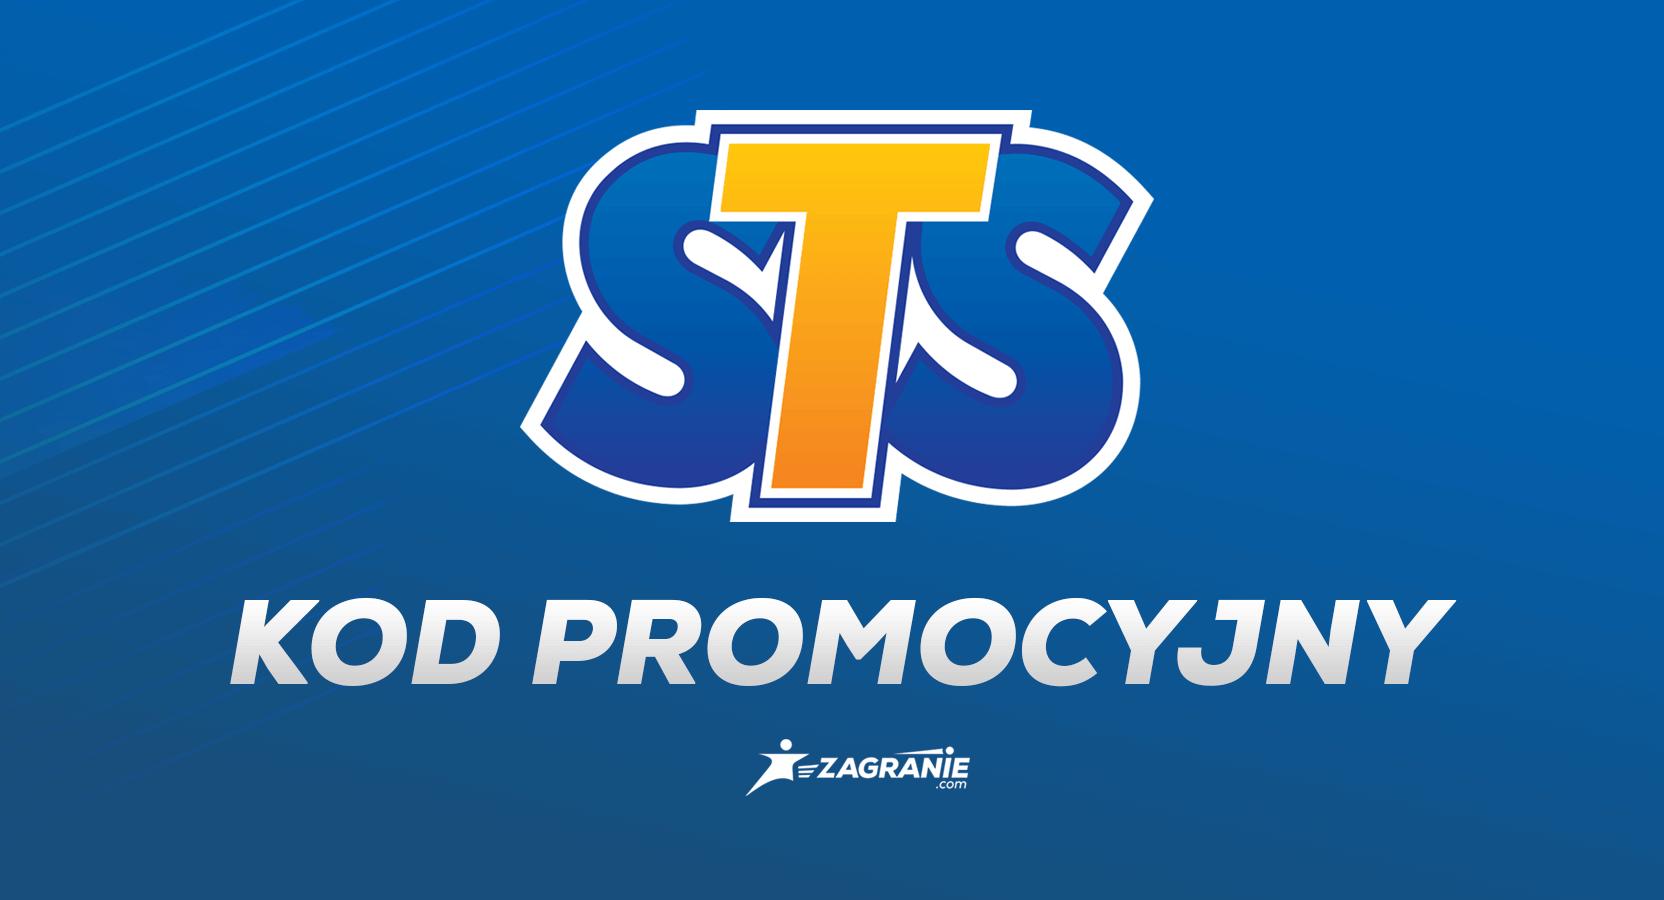 STS-kod-promocyjny